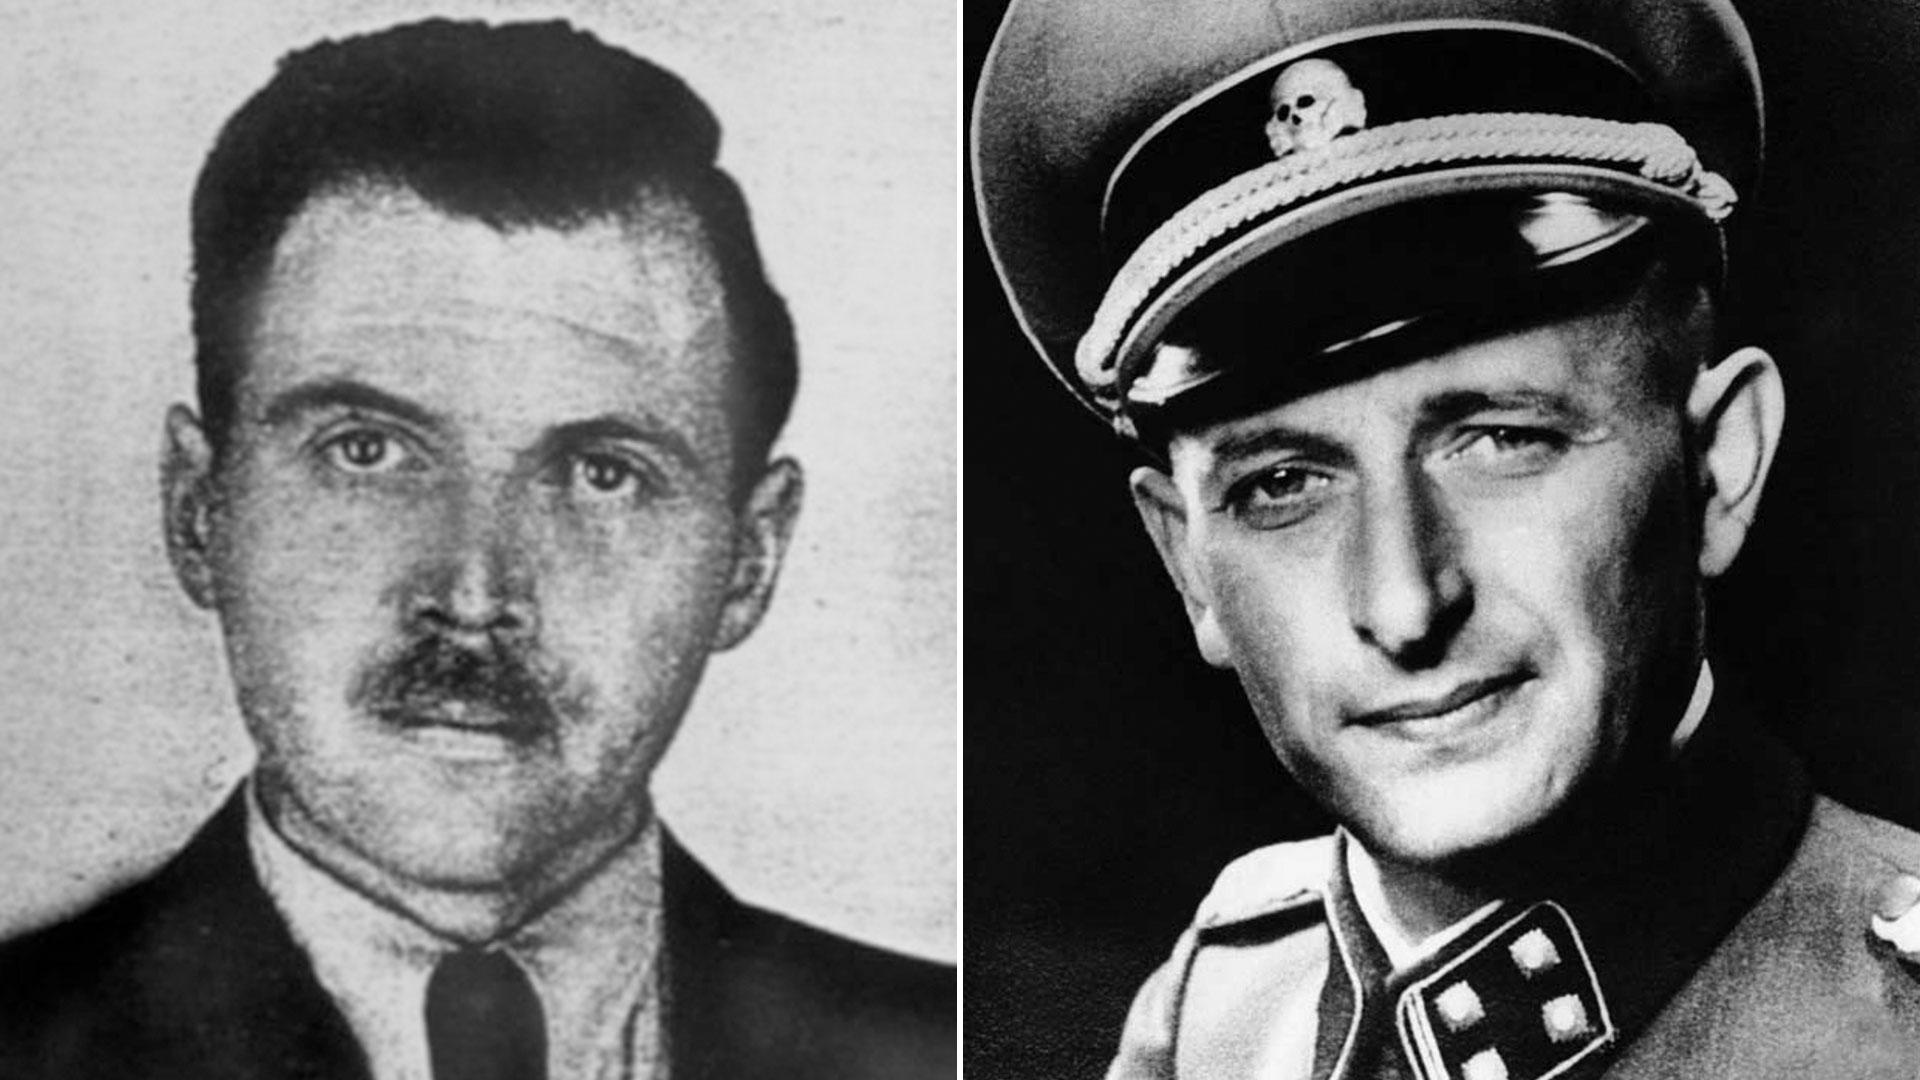 Josef Mengele y Adolf Eichmann, dos de los criminales nazis más notorios que hallaron refugio en la Argentina